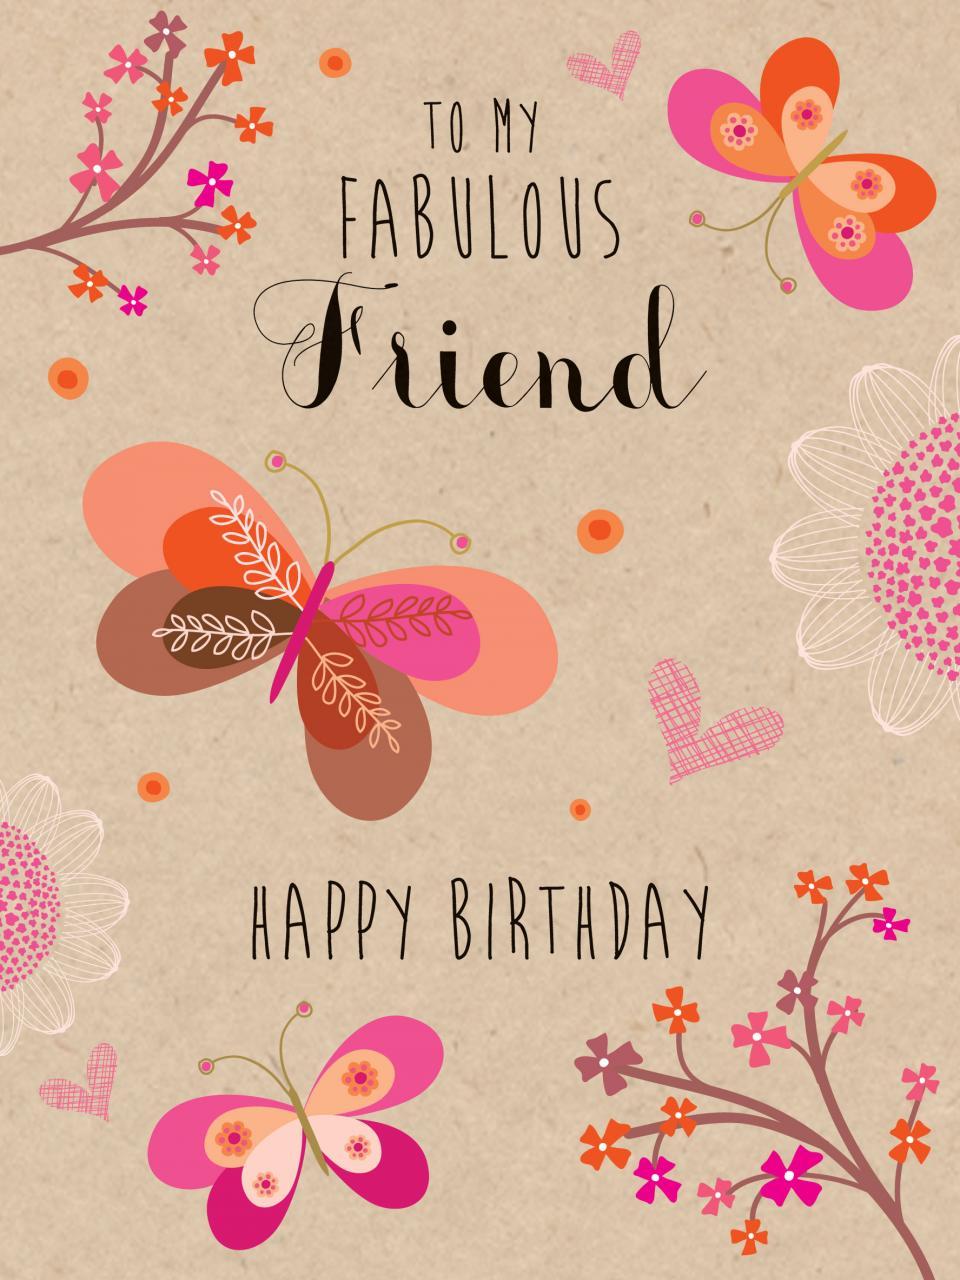 كلام عن يوم ميلاد صديقتي صديقتى الغالية يوم ميلادك هام فى